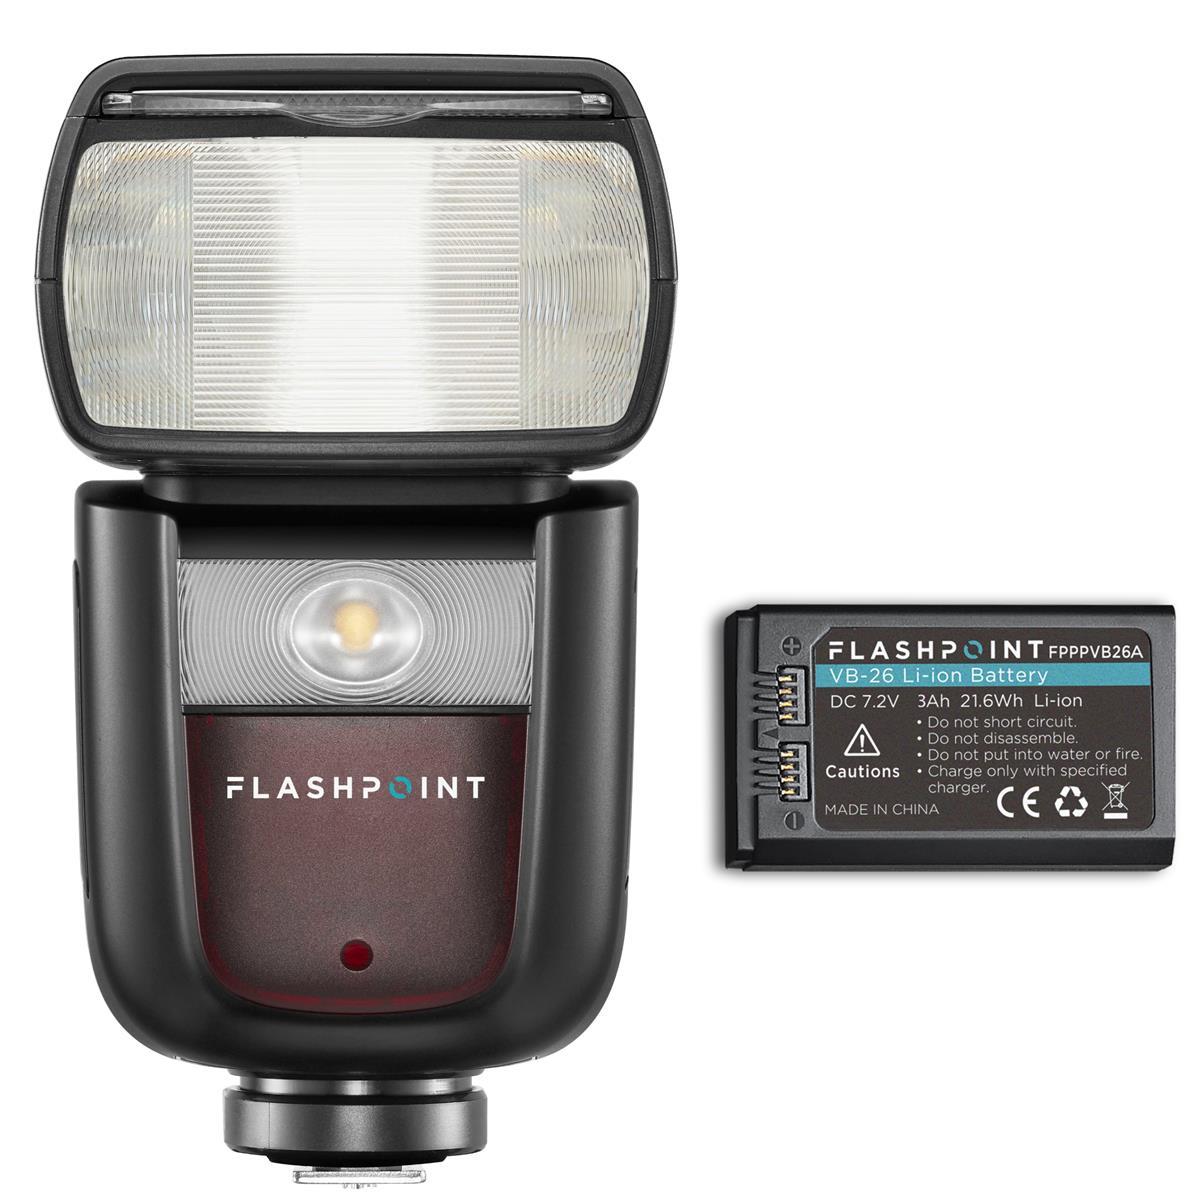 Flashpoint Launches Zoom Li-on III Speedlight